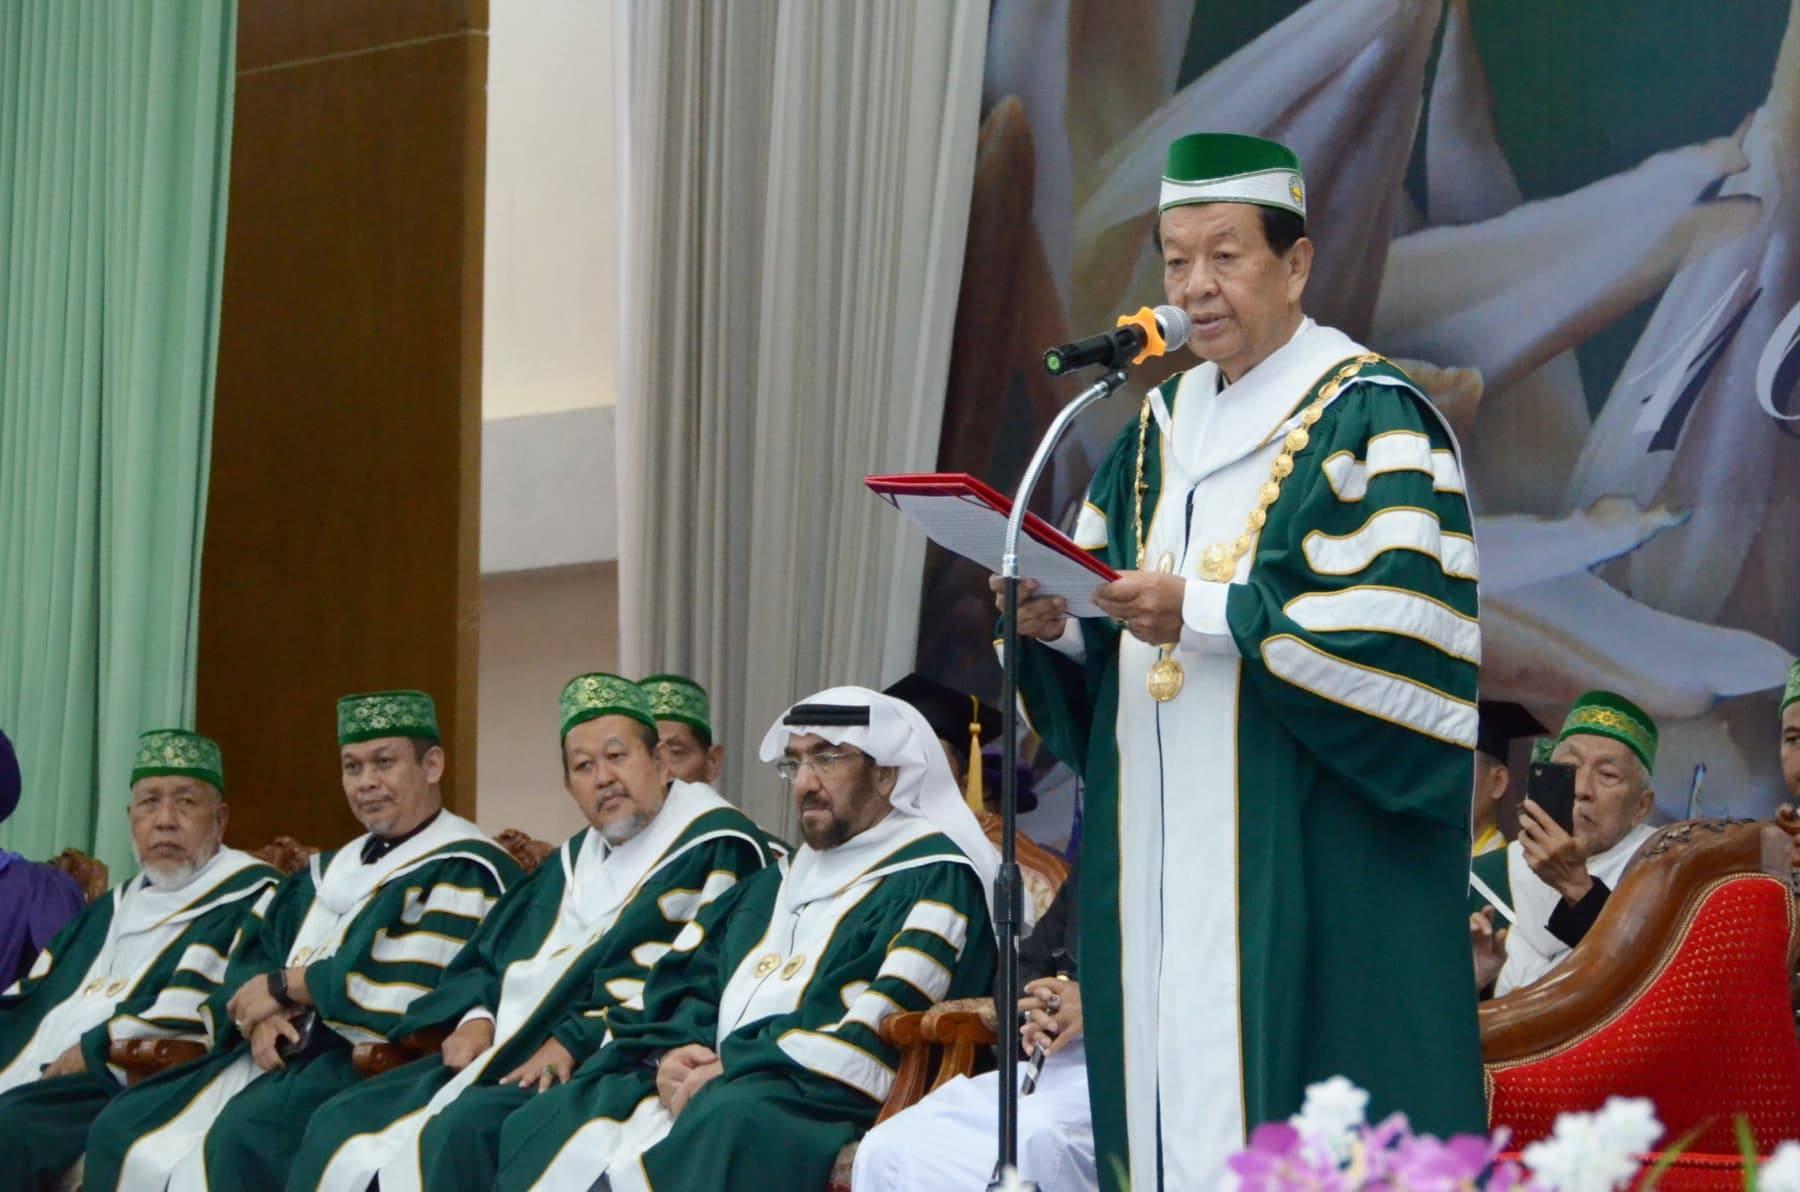 มหาวิทยาลัยฟาฏอนี จัดมอบปริญญาผู้สำเร็จการศึกษาปี 61